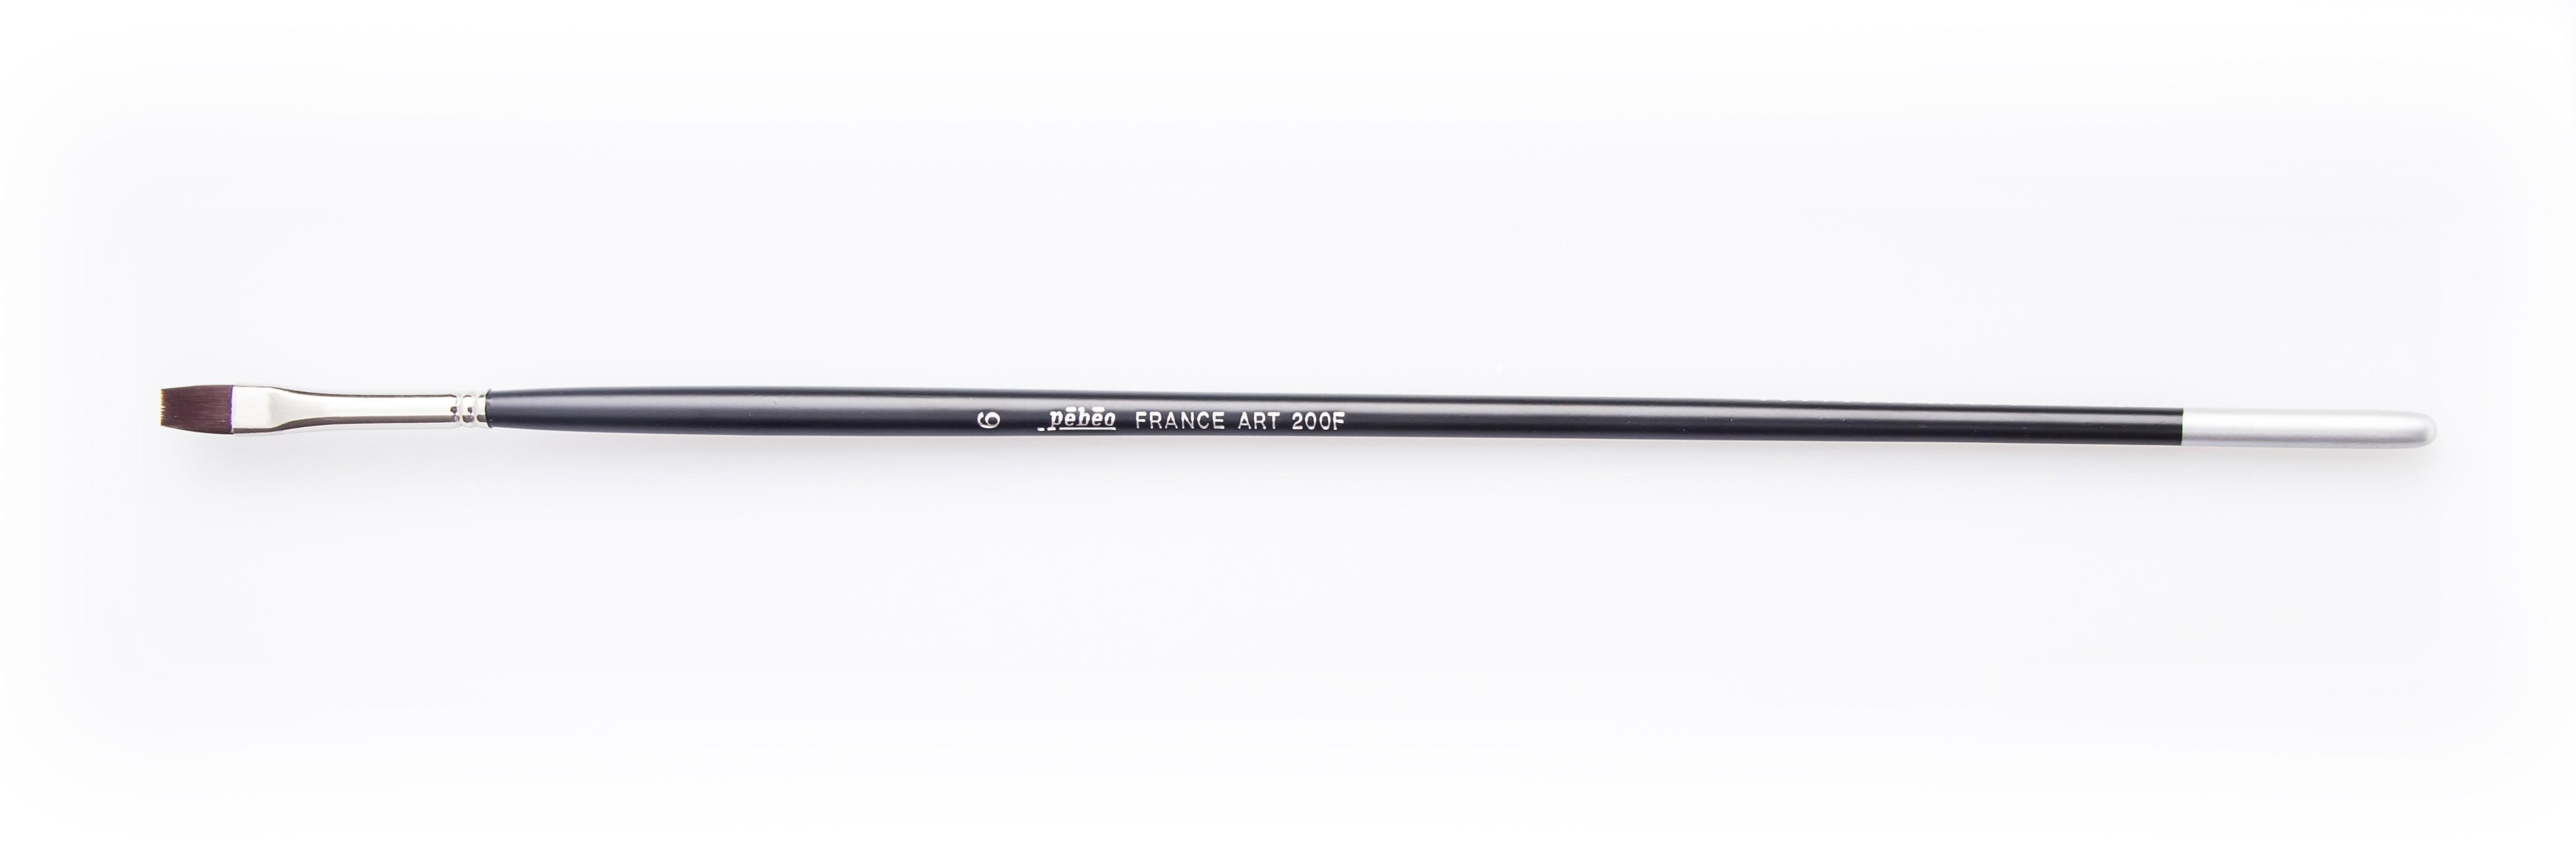 Pebeo Fırça Sentetik Kıl 200F no: 6 (Yağlı ve Akrilik Boya Fırçası)